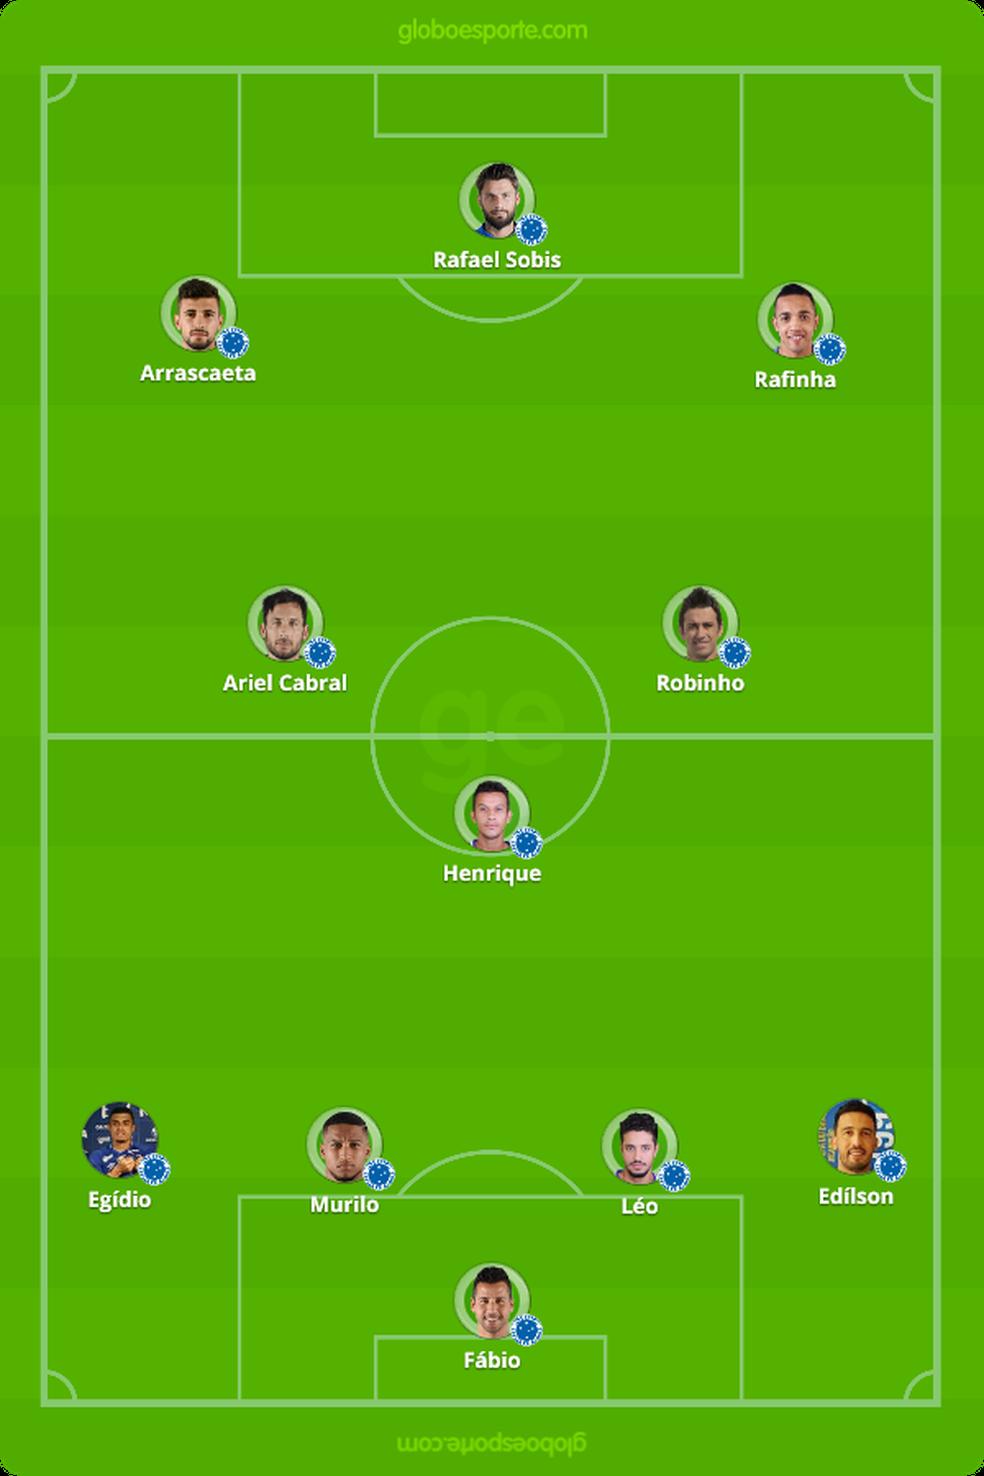 Provável escalação do Cruzeiro para o clássico (Foto: GloboEsporte.com)